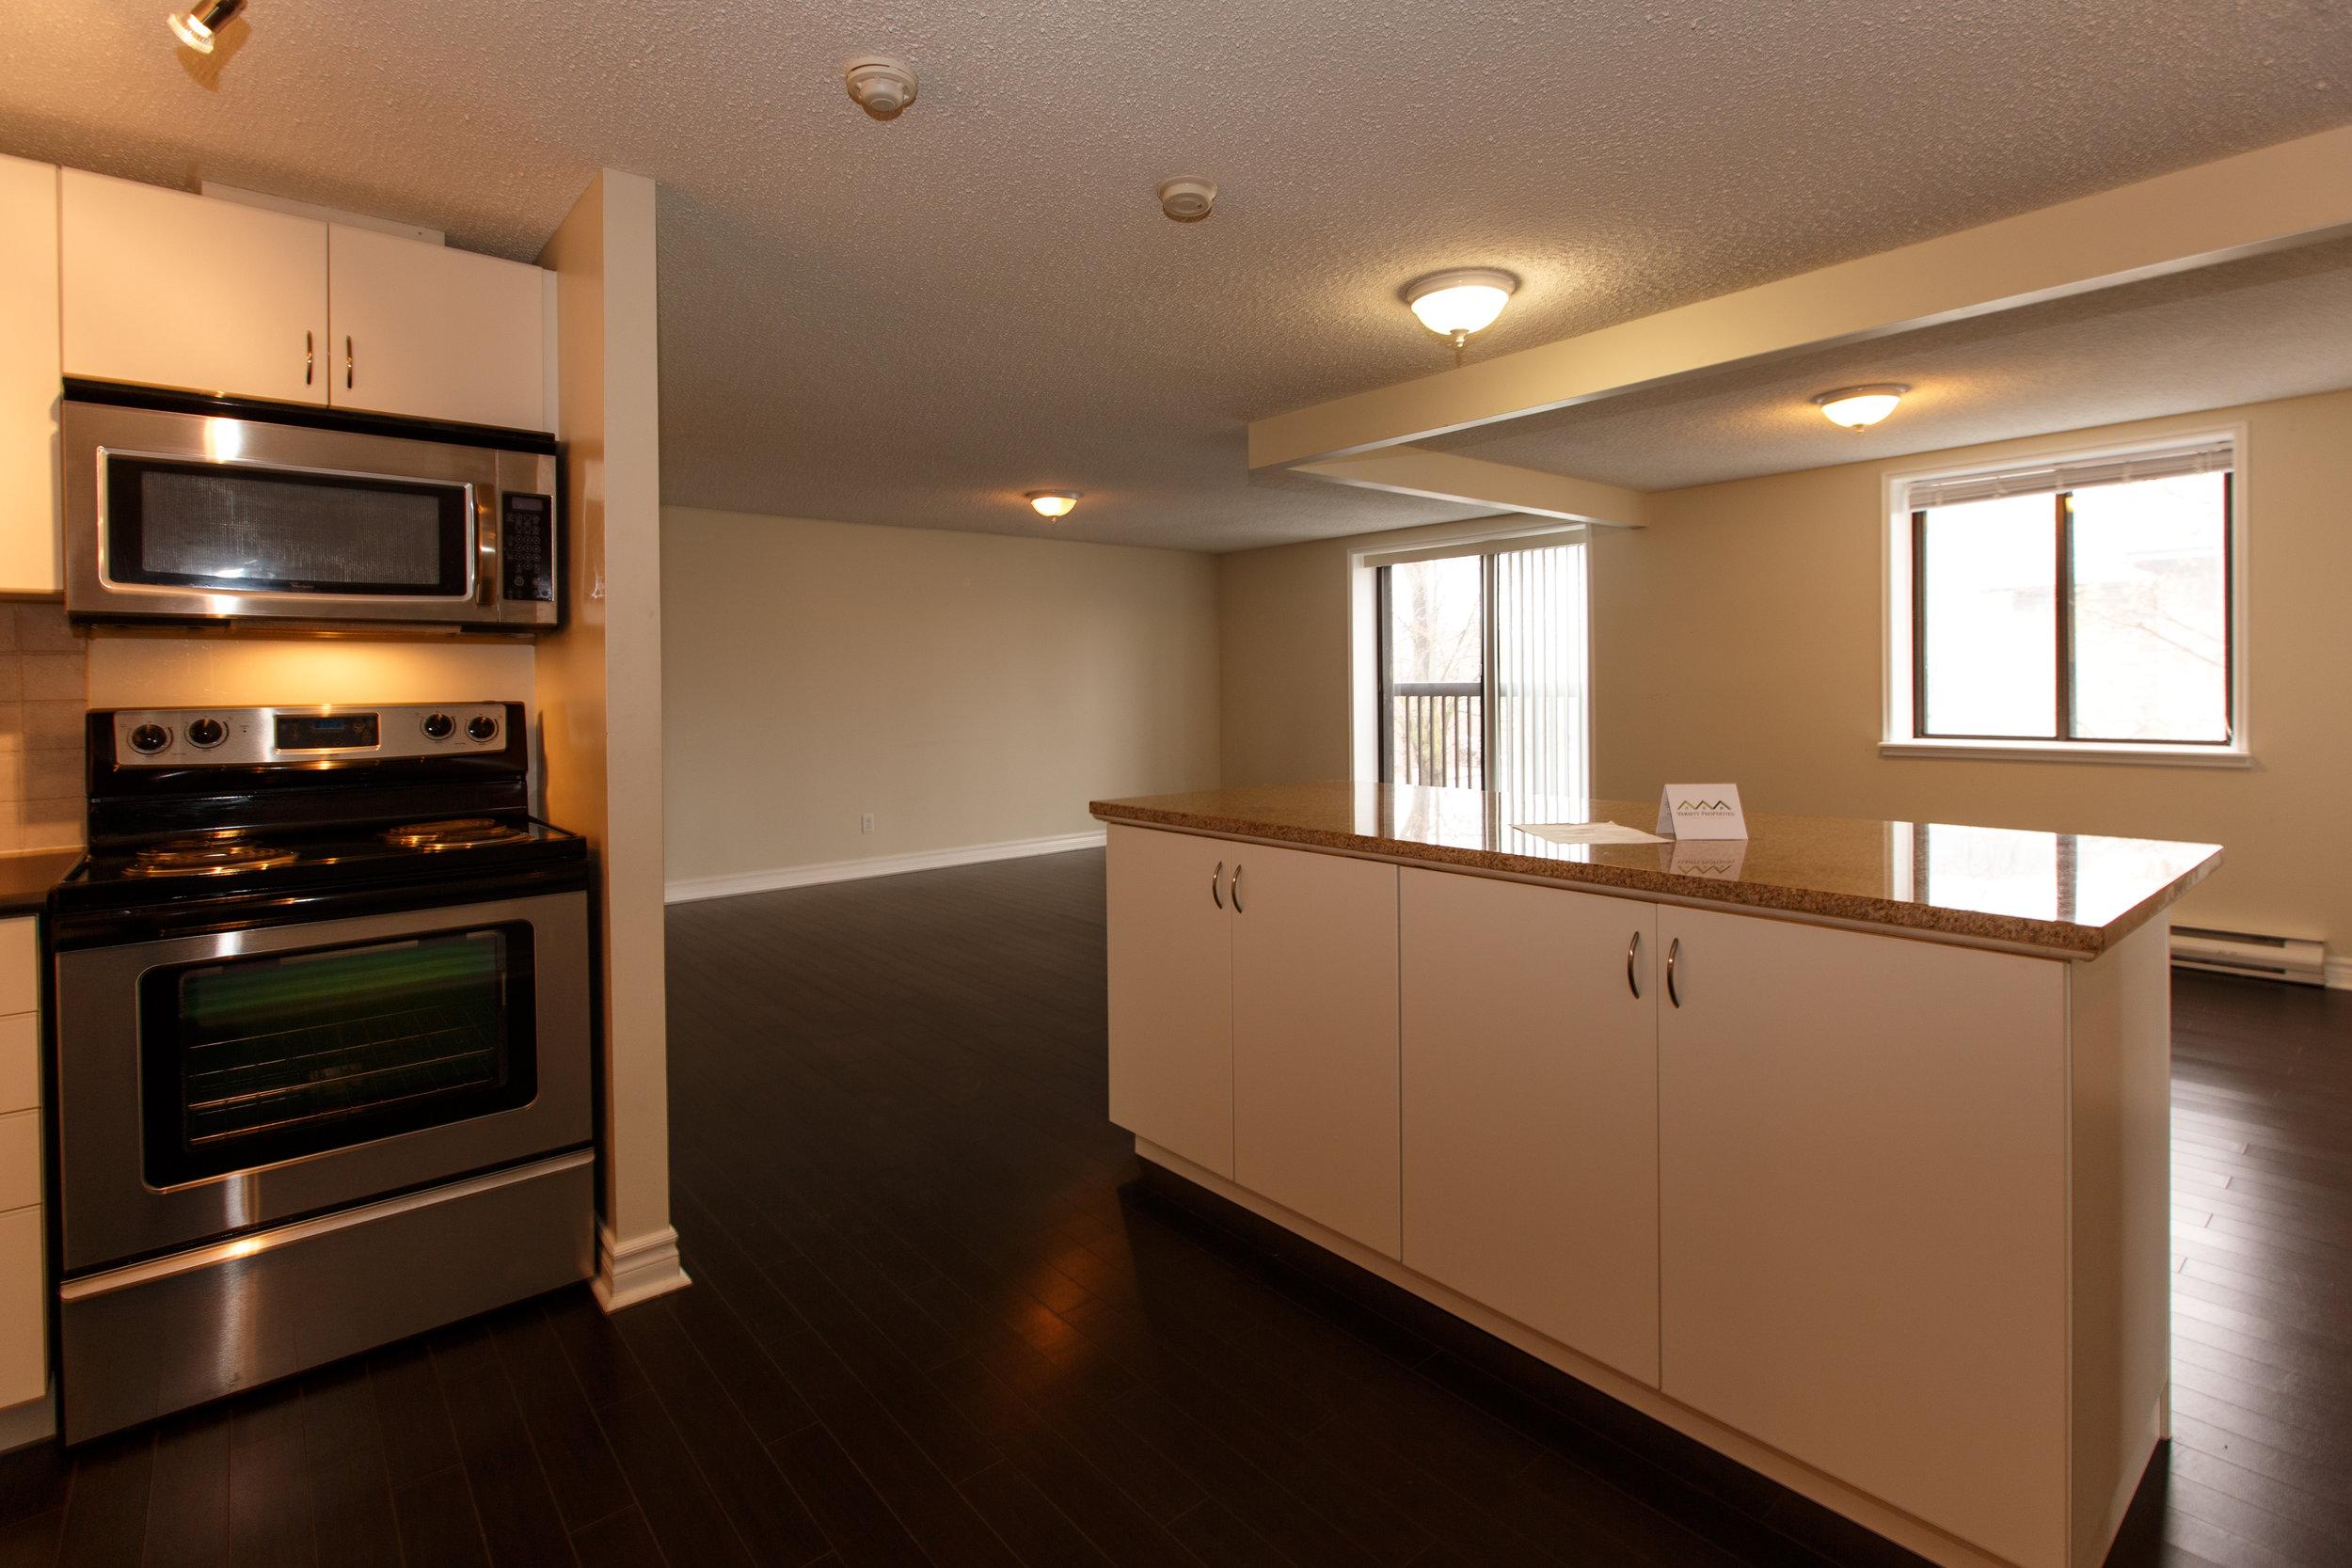 311 Queen St. _u007c_ Kitchen Photo, looking towards living room area.jpg